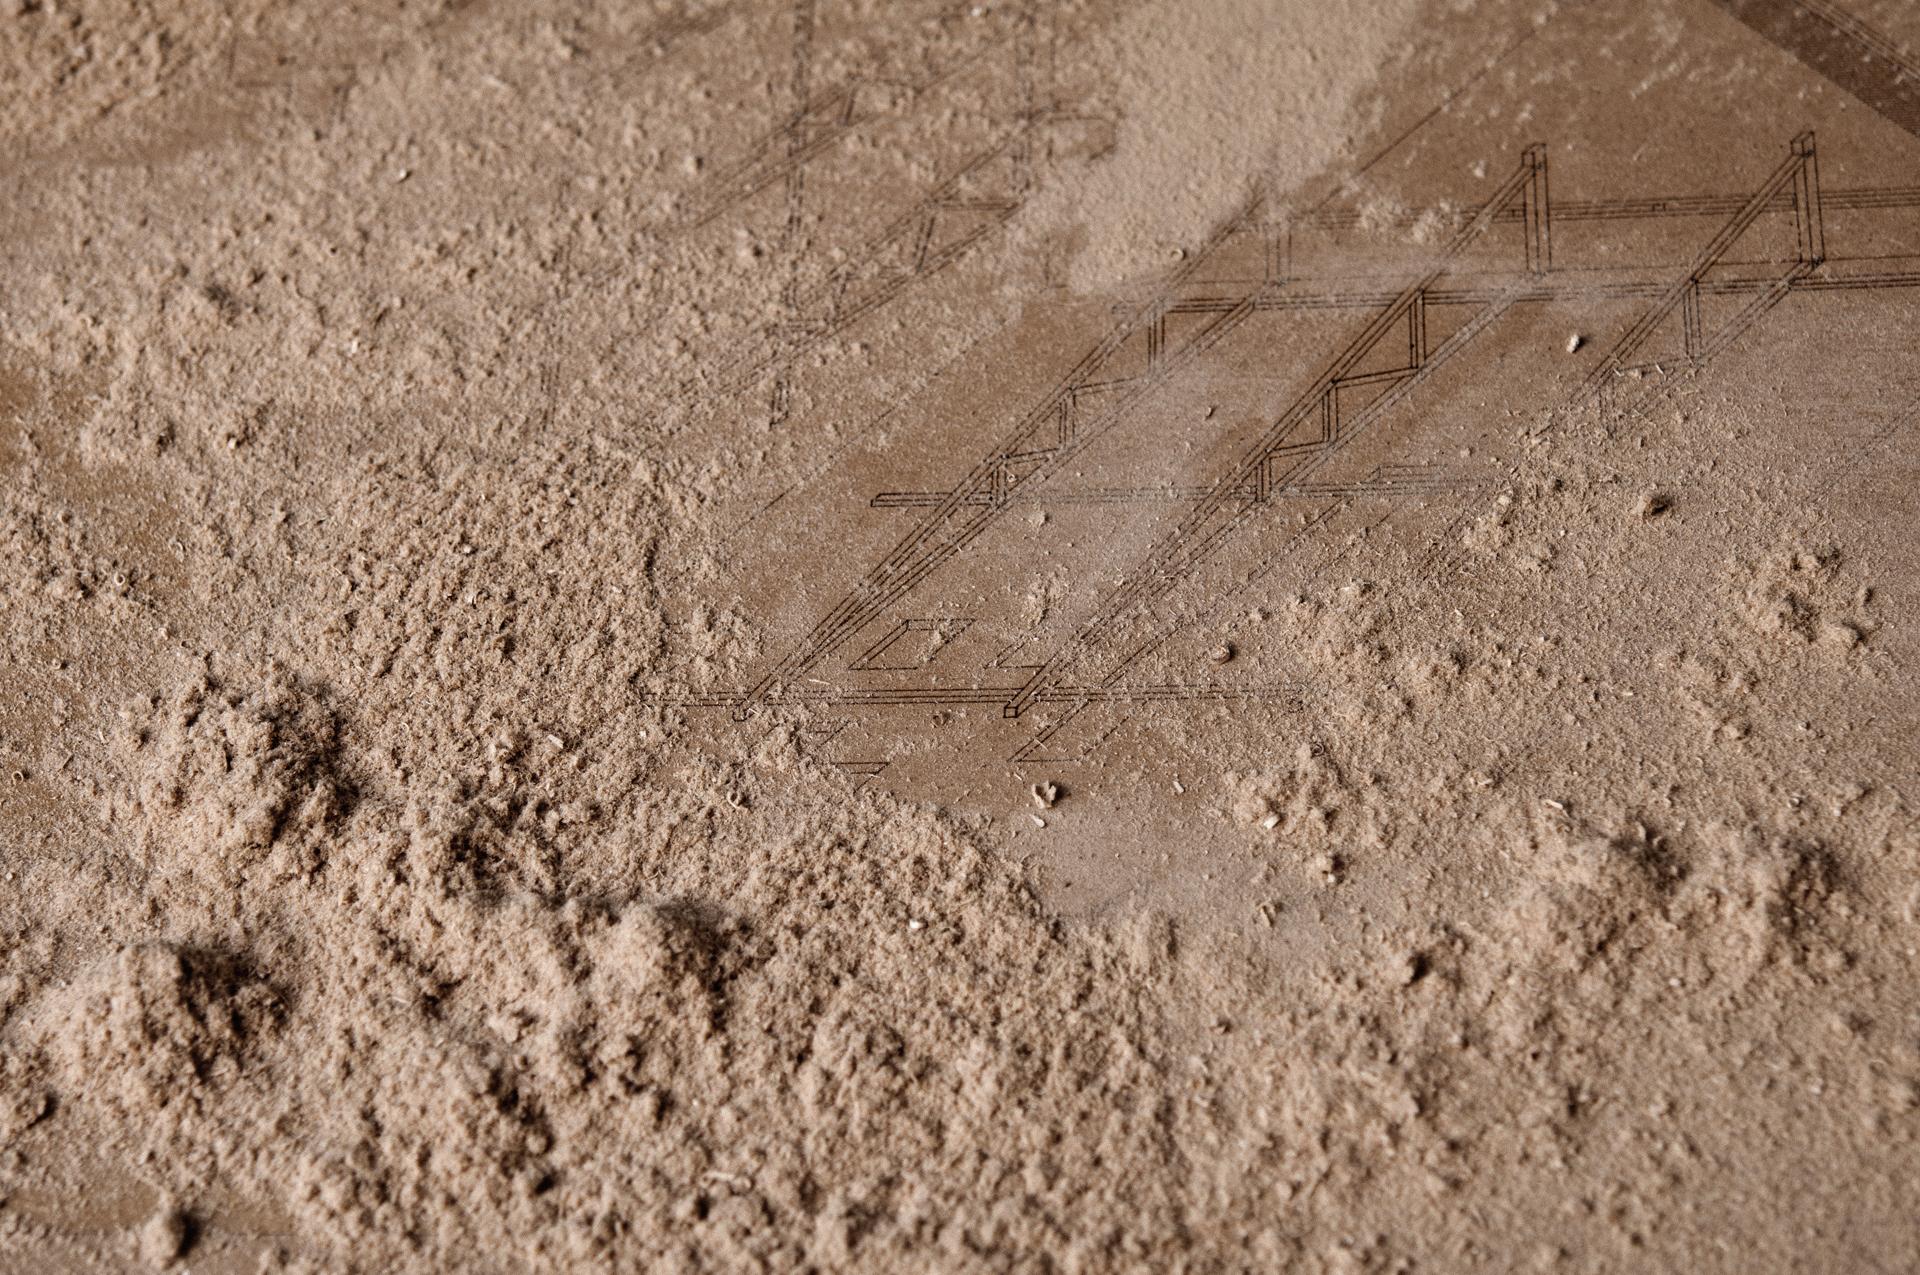 02-MDF Dust - ALONGSIDE TEXT.jpg